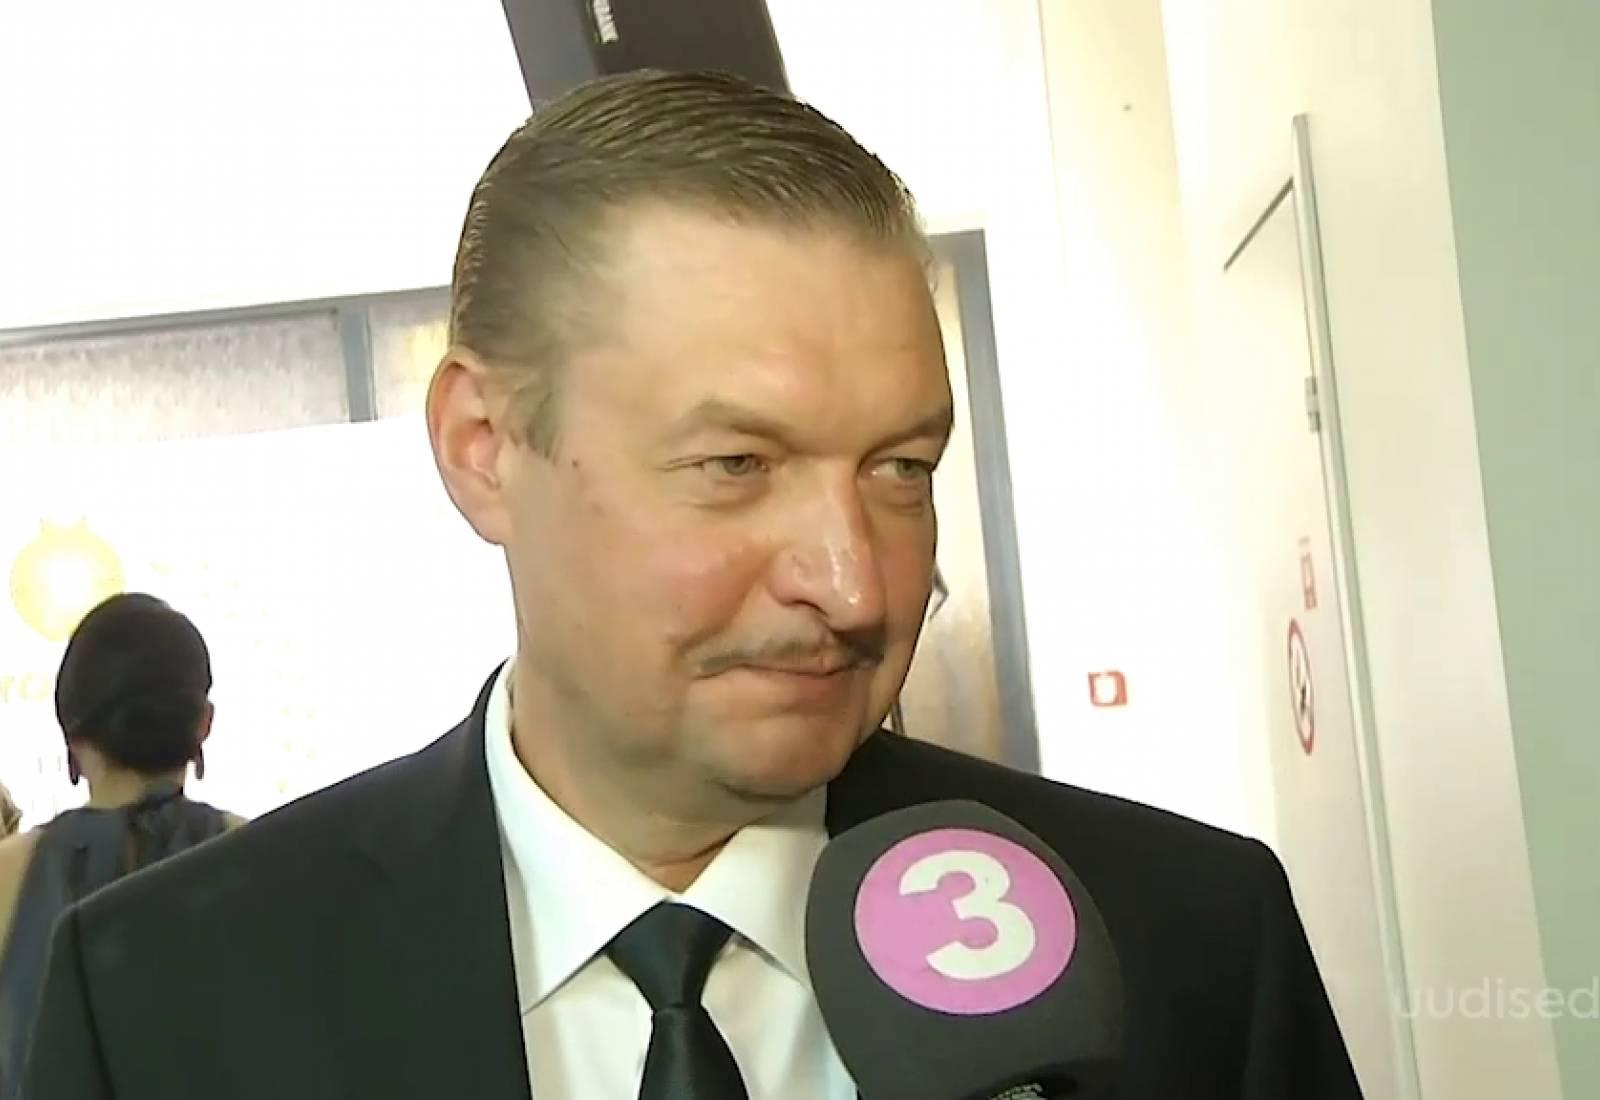 """VIDEO! Šikk Raivo E. Tamm lemmikseriaalist: """"Papad mammad"""" on värskendav tuuleiil Eesti seriaalide maastikul"""